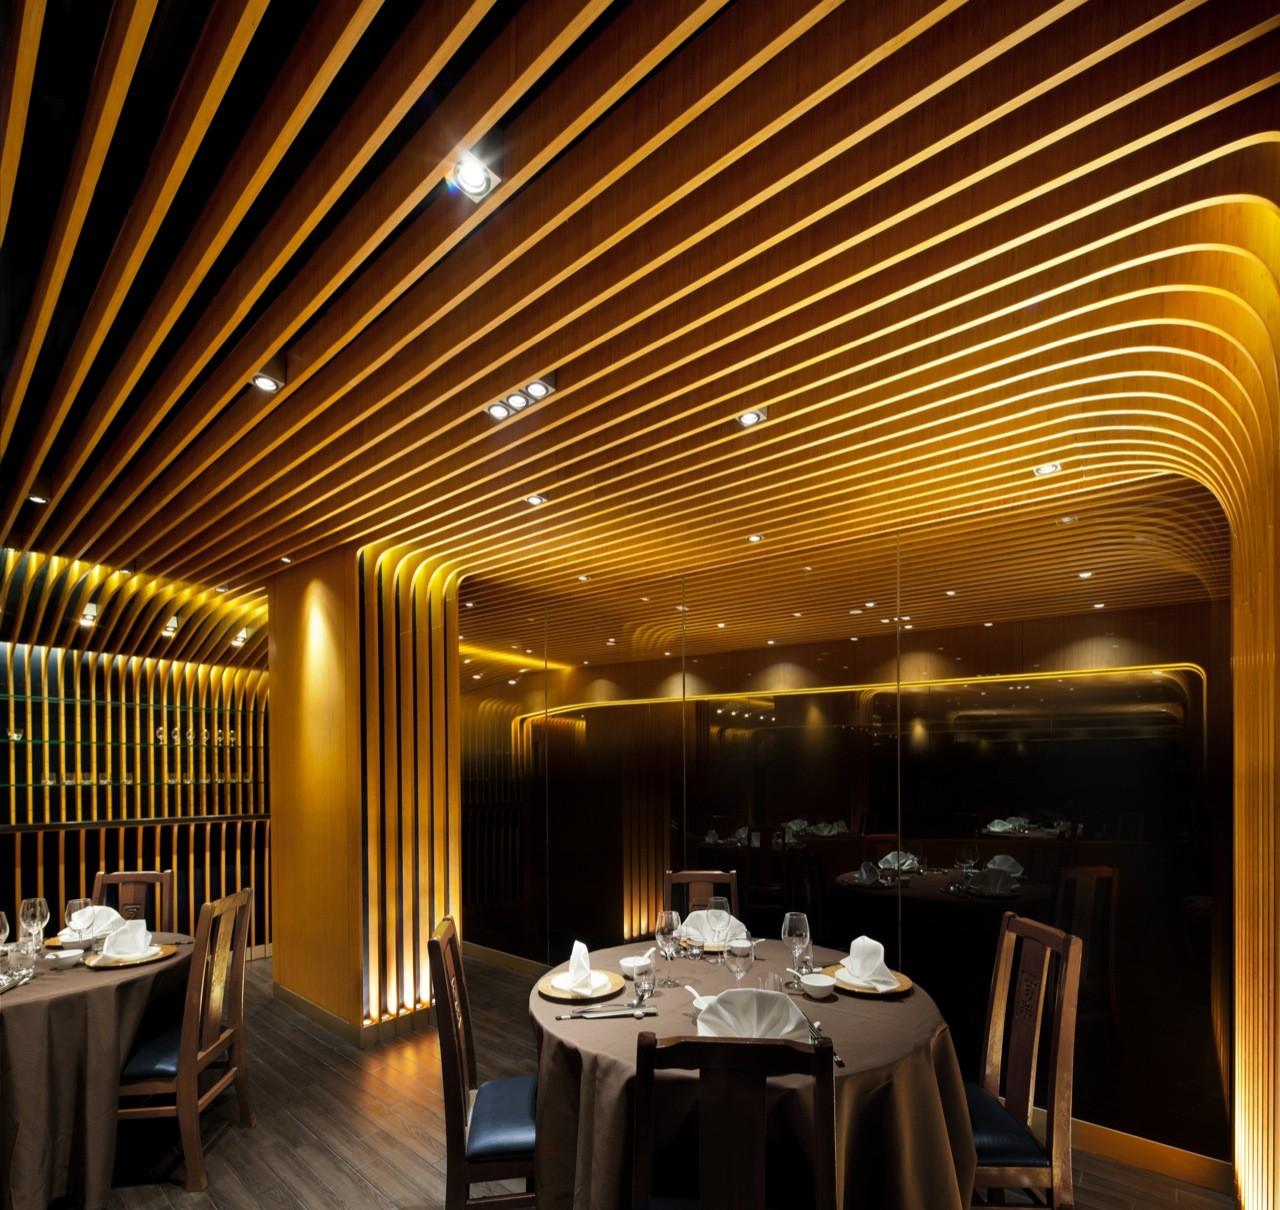 Roxy Hotel Restaurant